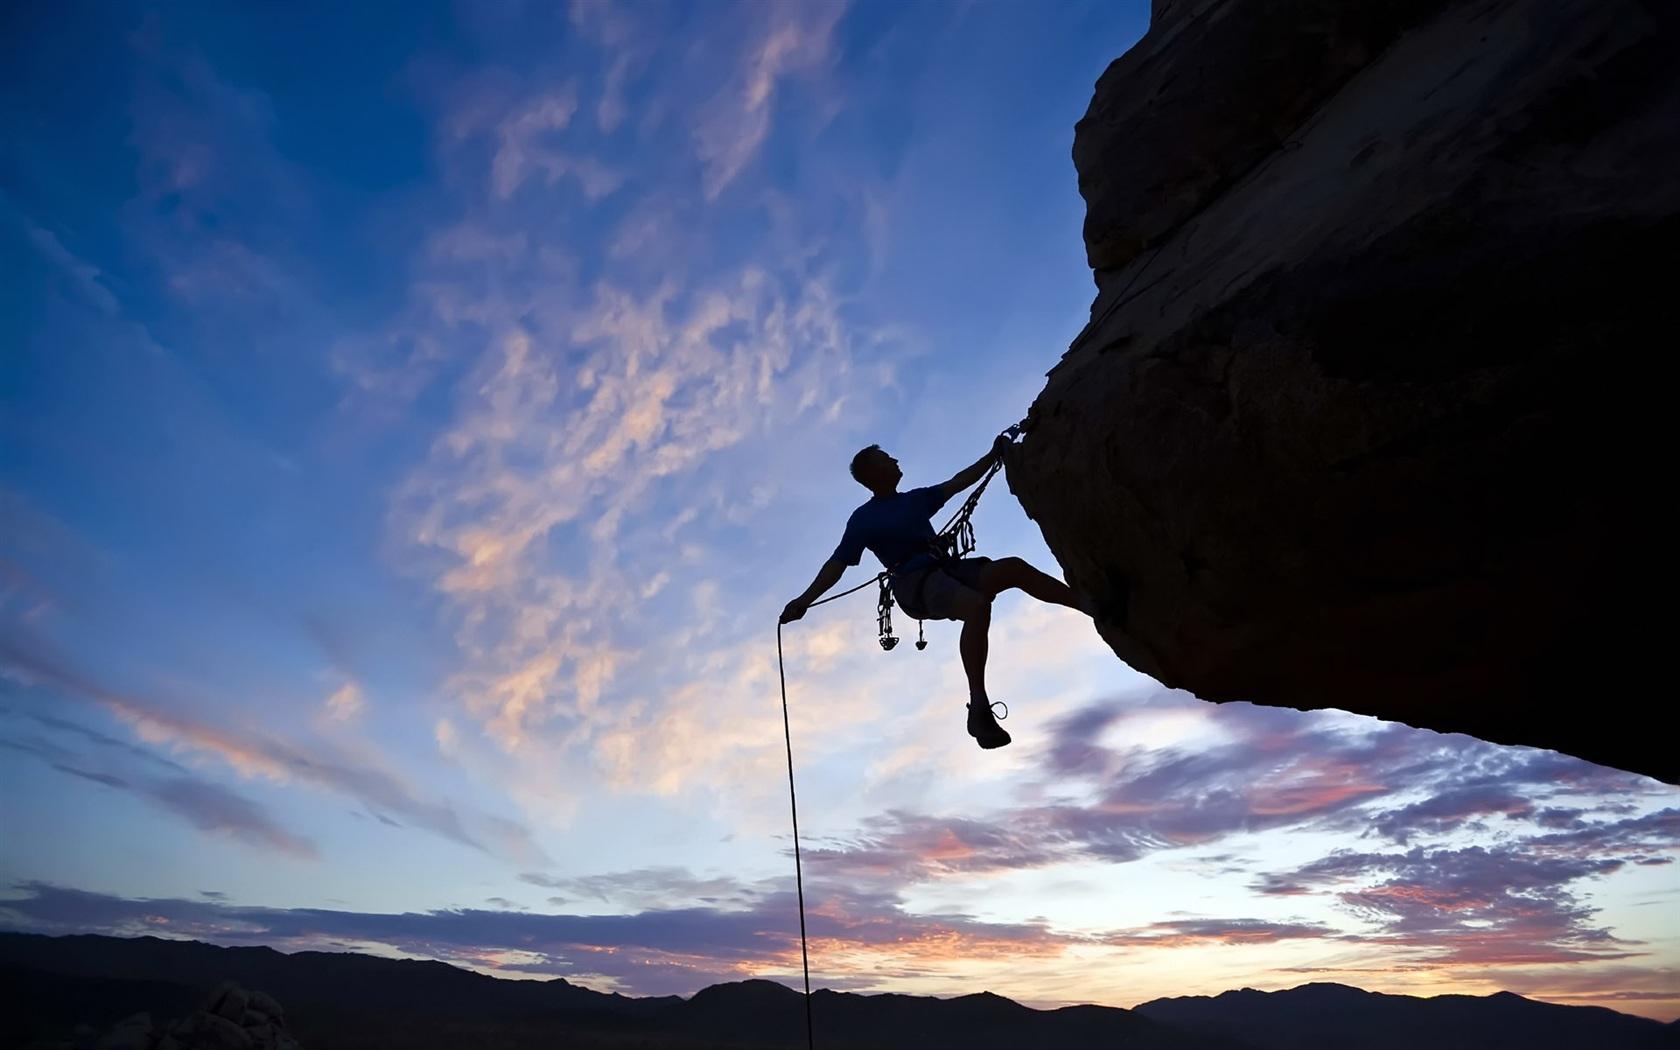 چه فعالیت هایی شما را به رهبر تیم تبدیل می کند؟